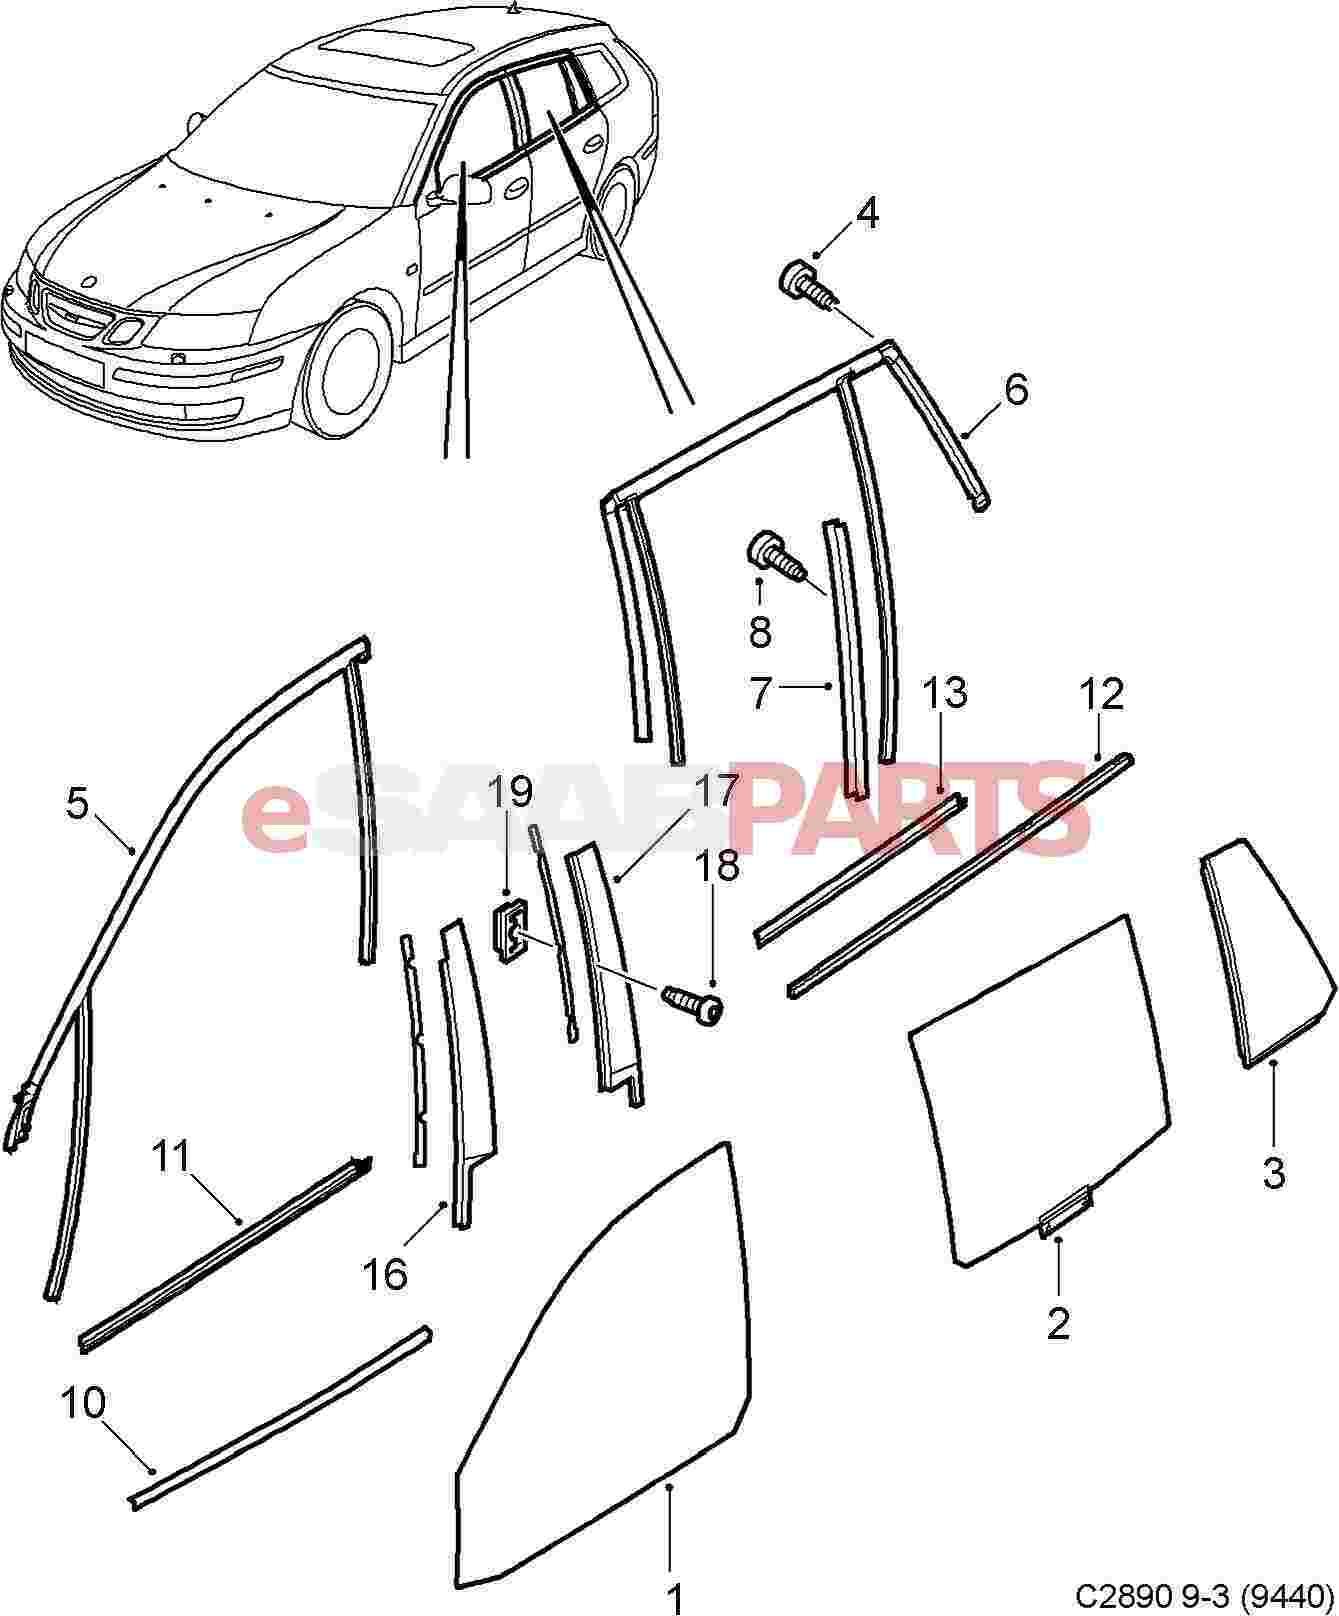 car diagram exterior parts names engine car parts and component